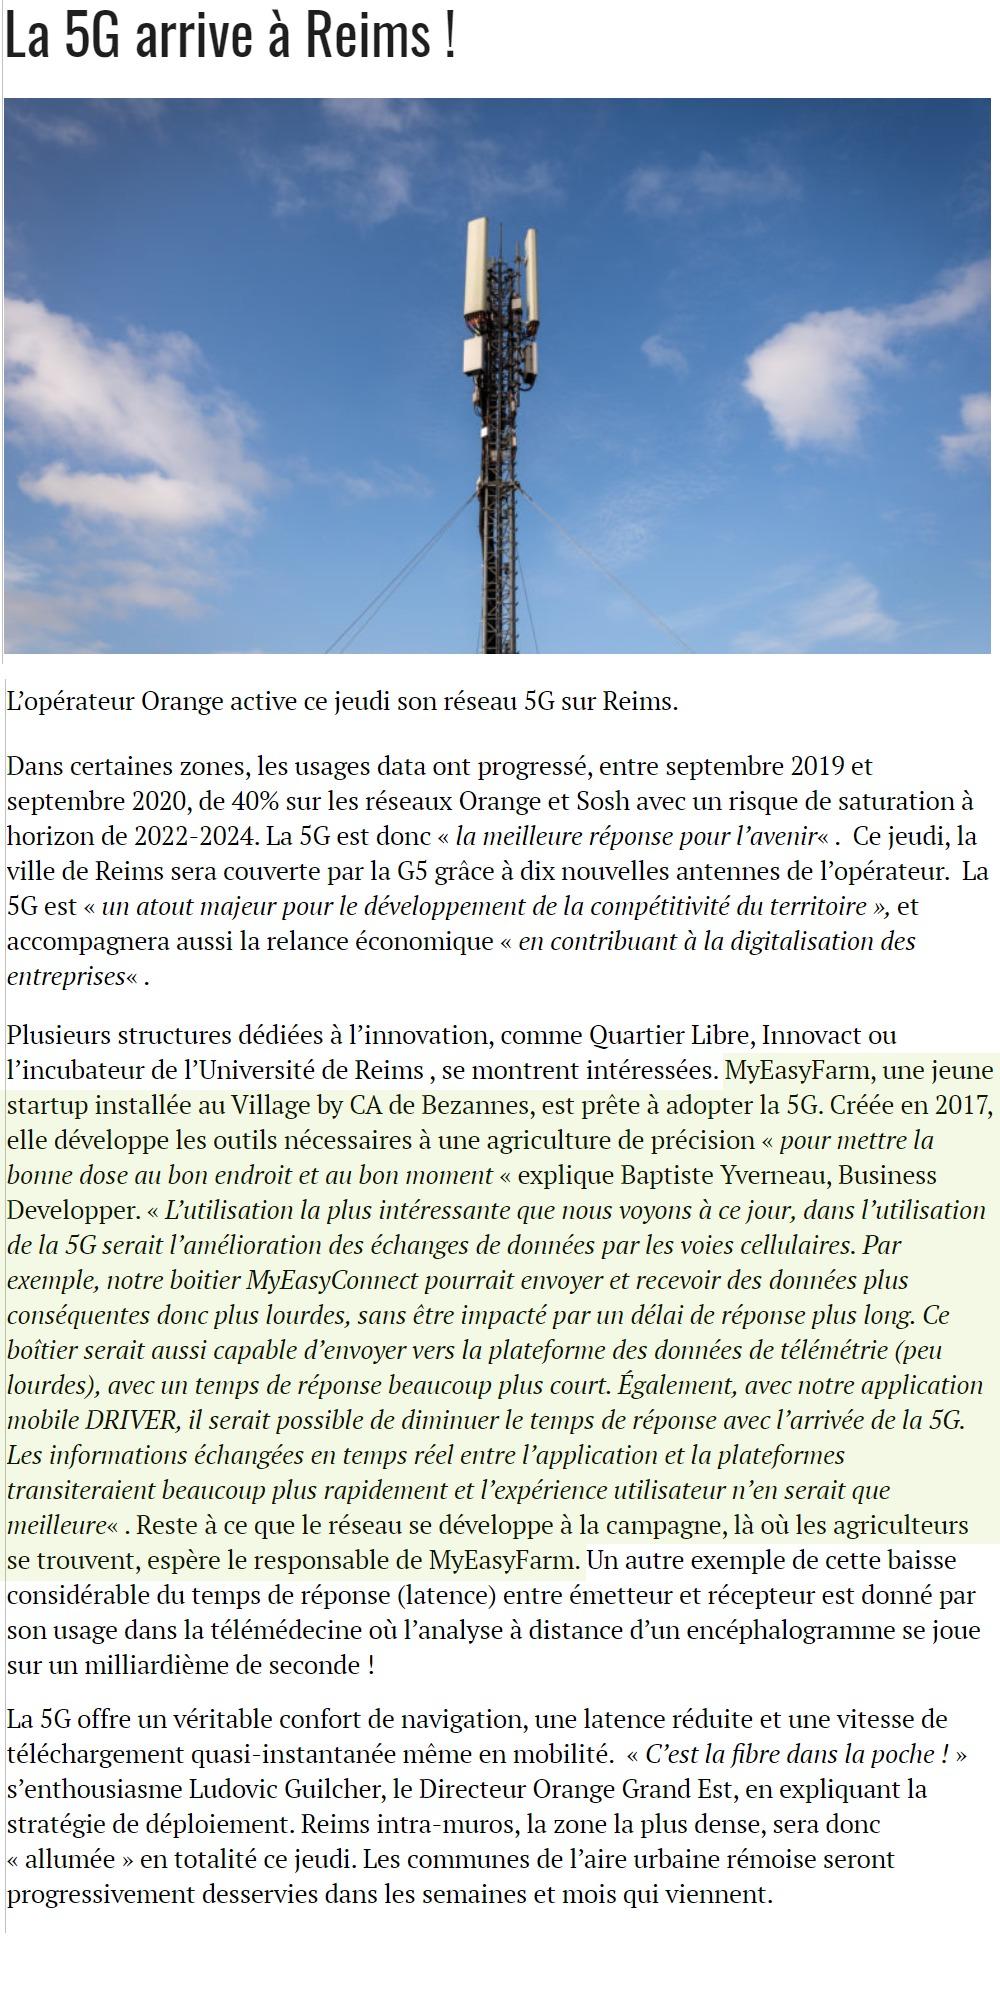 La 5G arrive à Reims ! - revue de presse MyEasyFarm